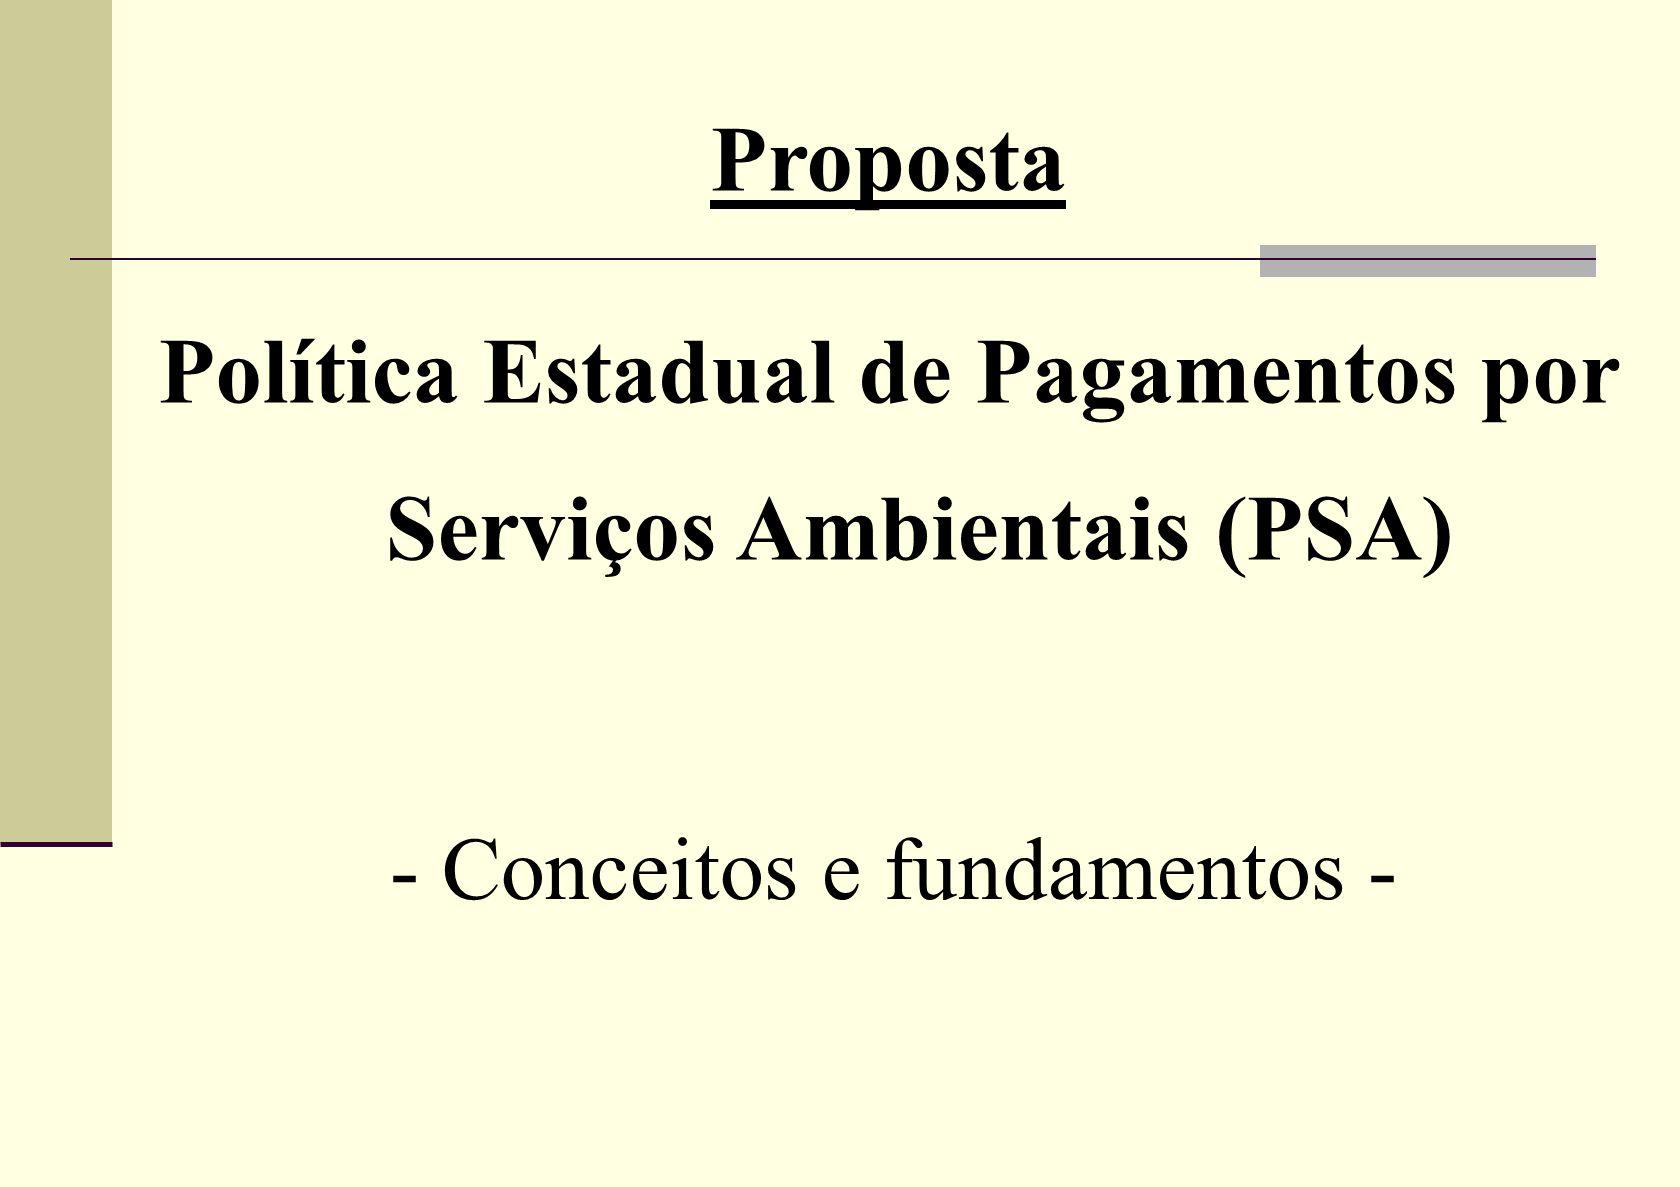 Proposta Política Estadual de Pagamentos por Serviços Ambientais (PSA) - Conceitos e fundamentos -